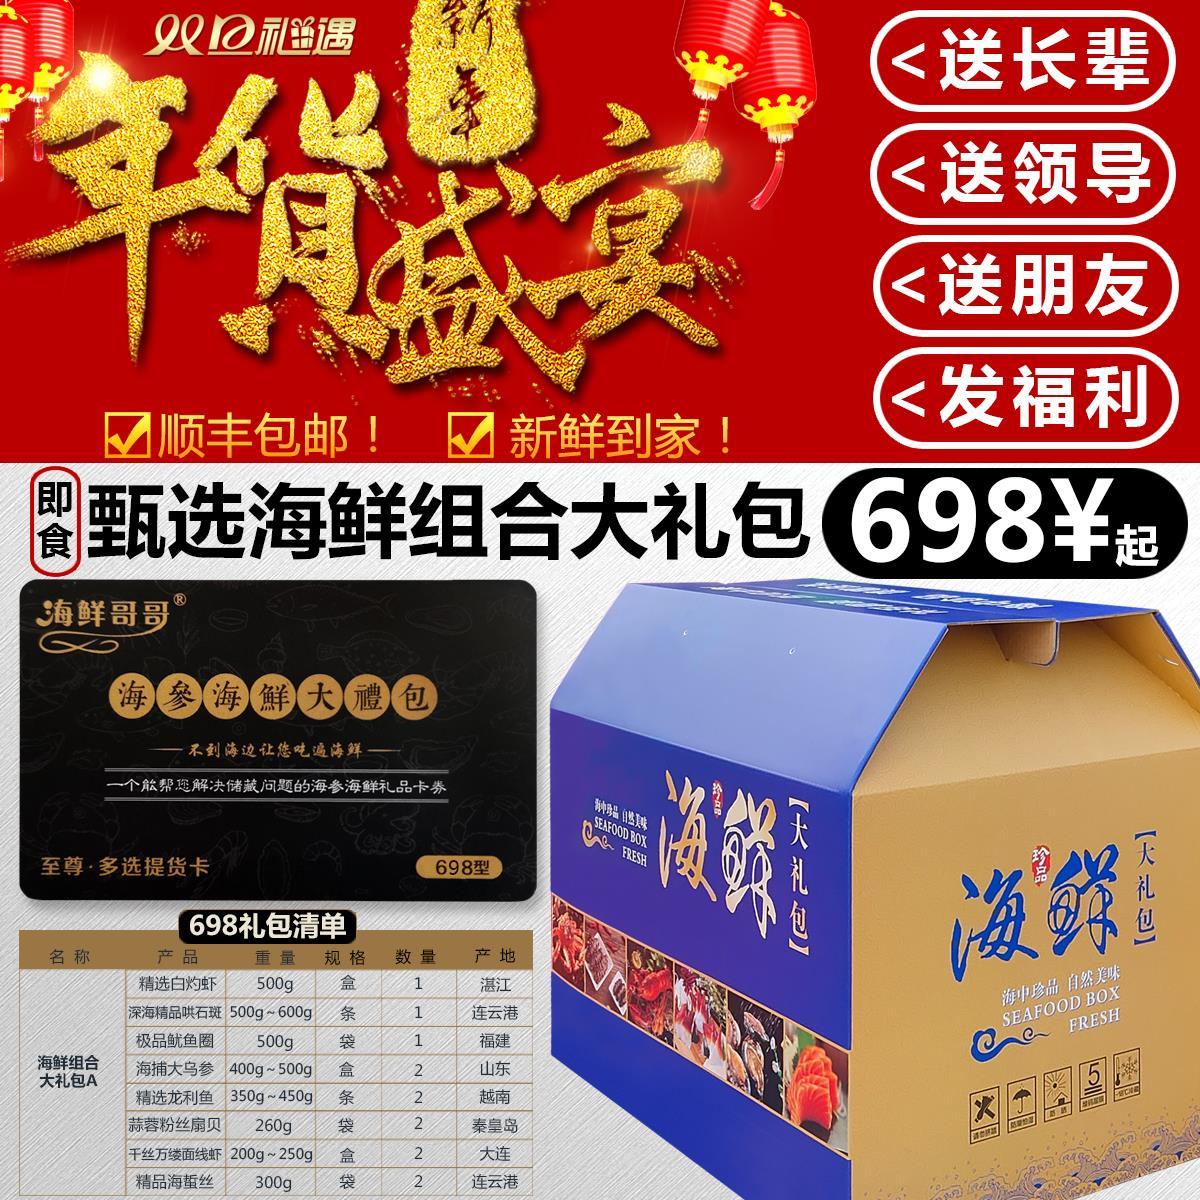 海鲜坚果礼盒定制野生菌包装盒